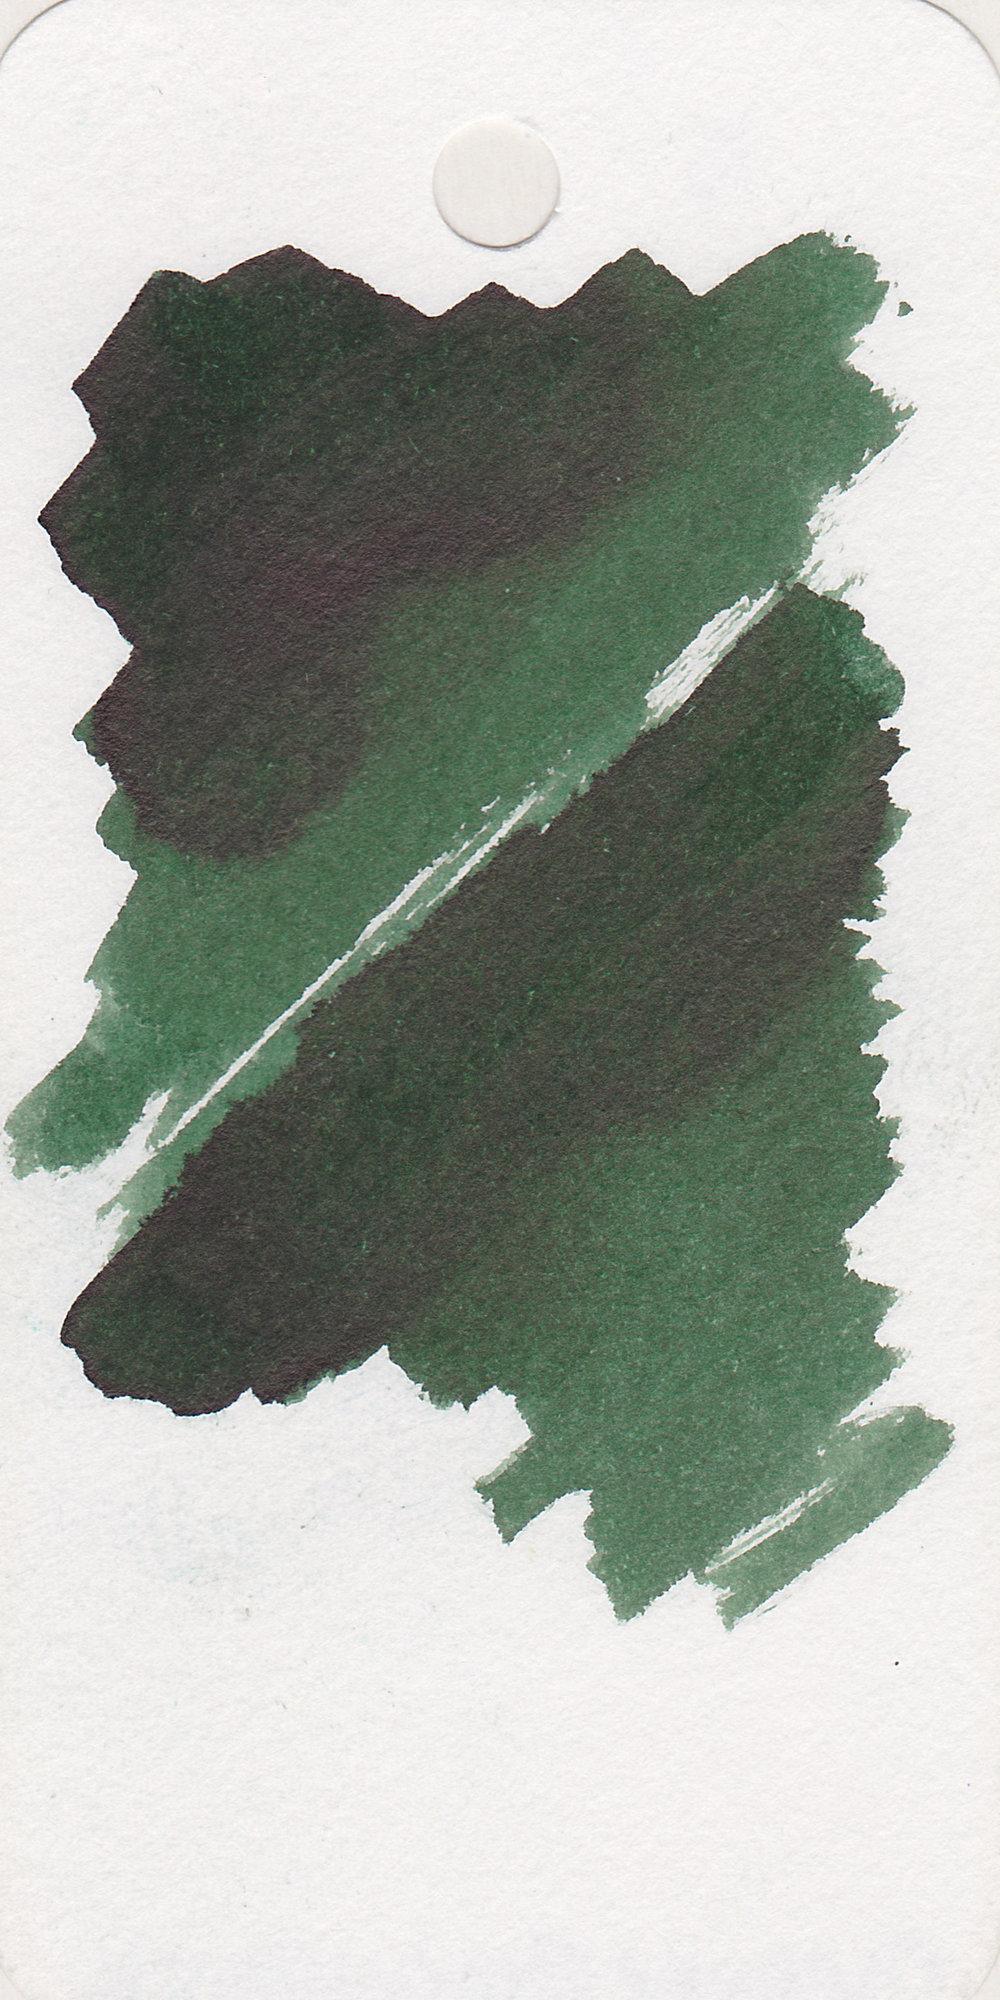 pe-olivine-6.jpg